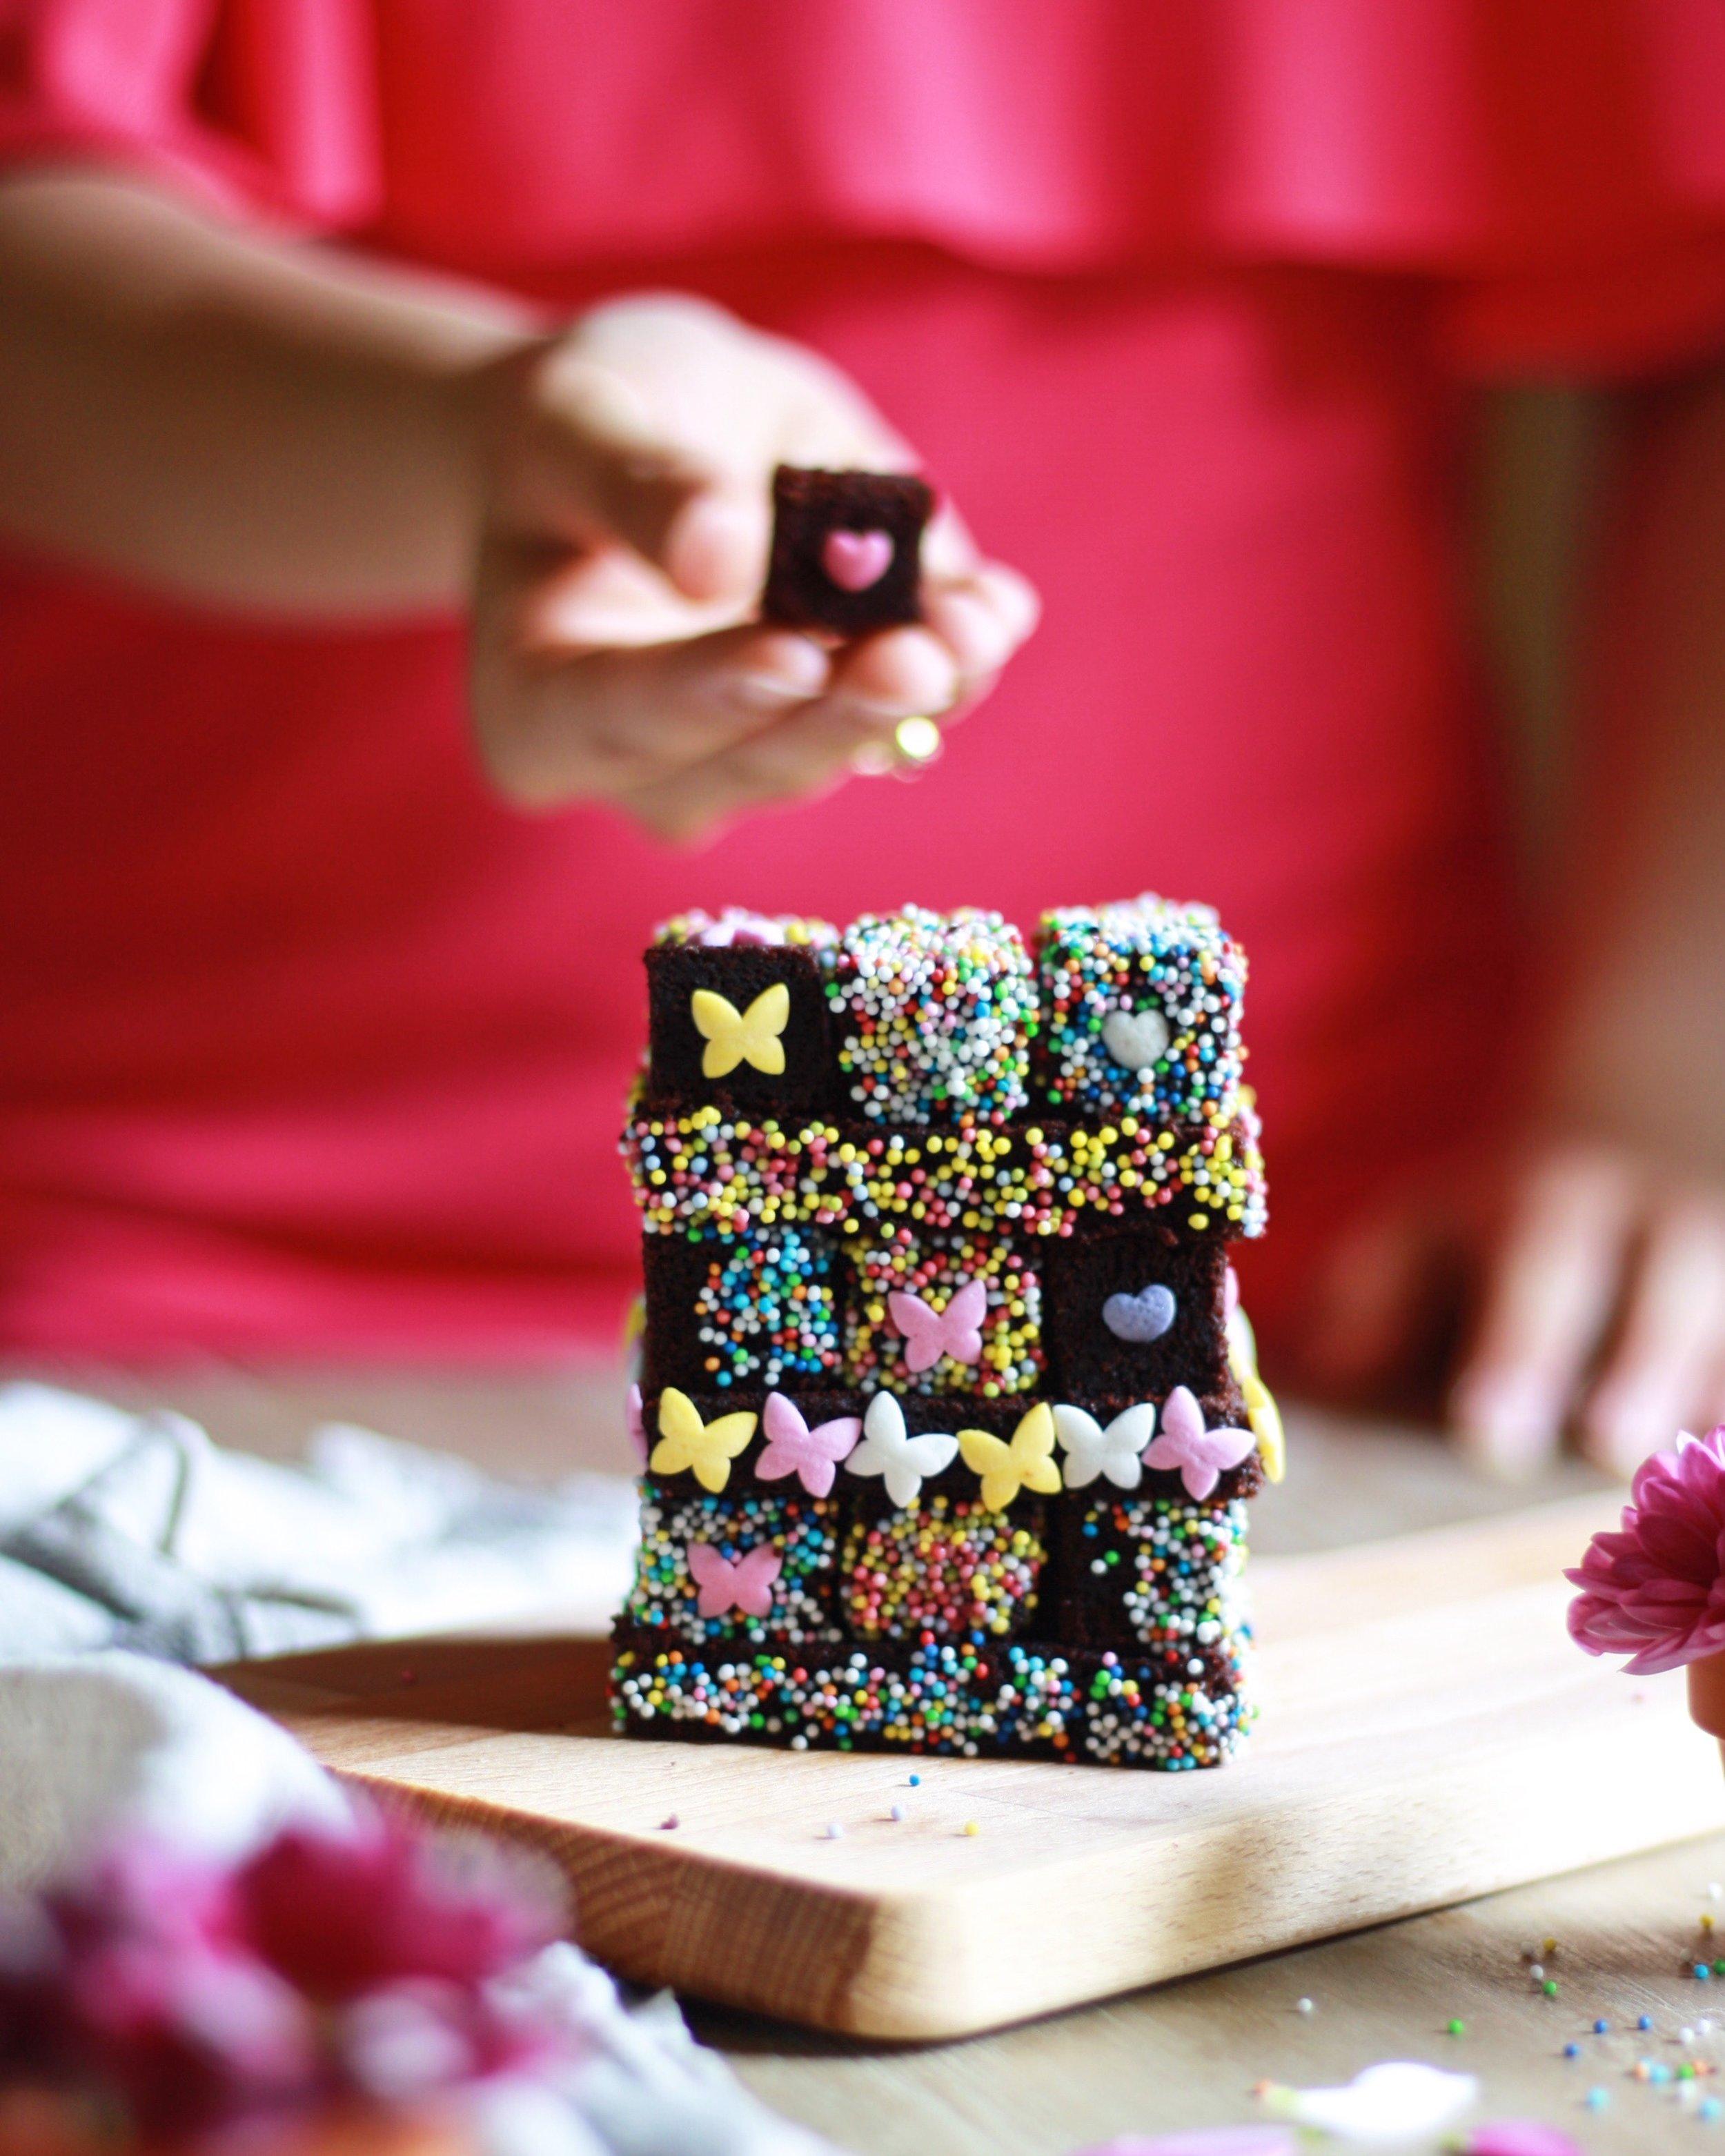 Gateau au chocolat en forme de Rubik's cube - Lumière naturelle - Canon 1000D, objectif Canon 50 mm F/1.8 - Juillet 2017